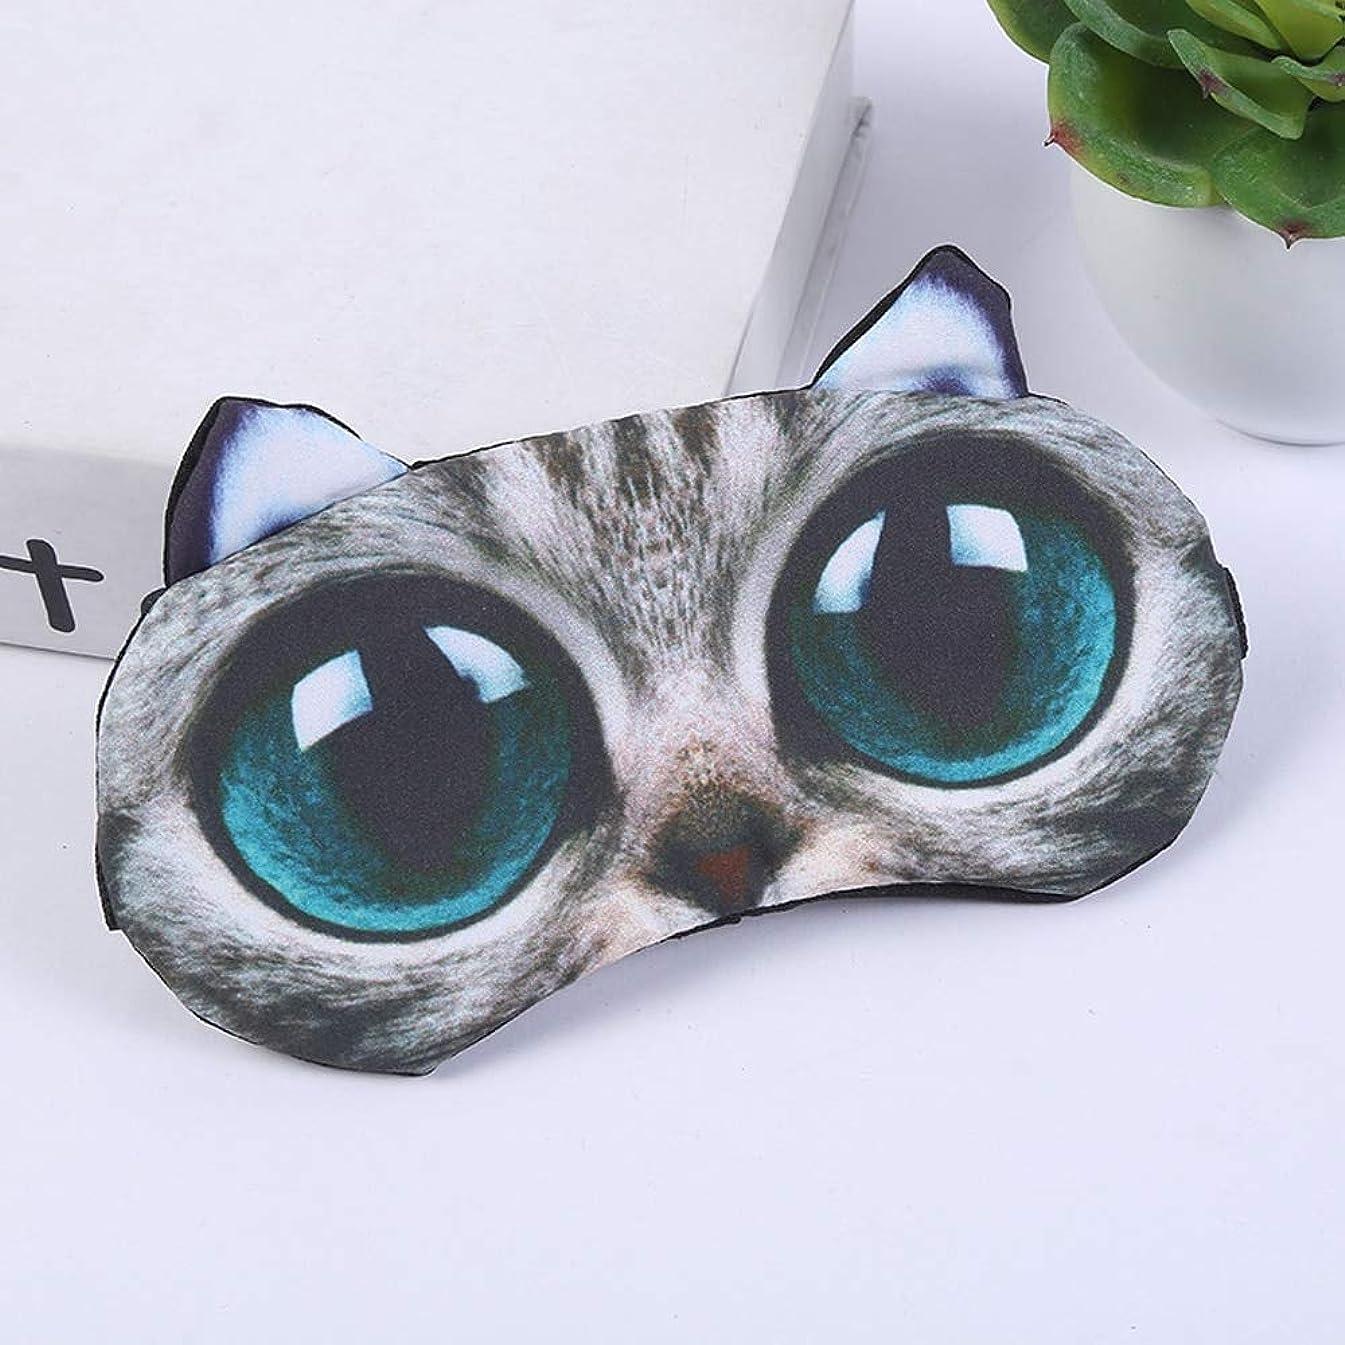 イベント百シーズンNOTE 3Dかわいい動物アイシェードアイカバーアイマスクスリーピングアイマスクエイドパッチレスト面白いアイシェード調節可能な睡眠いびきナイトマスク